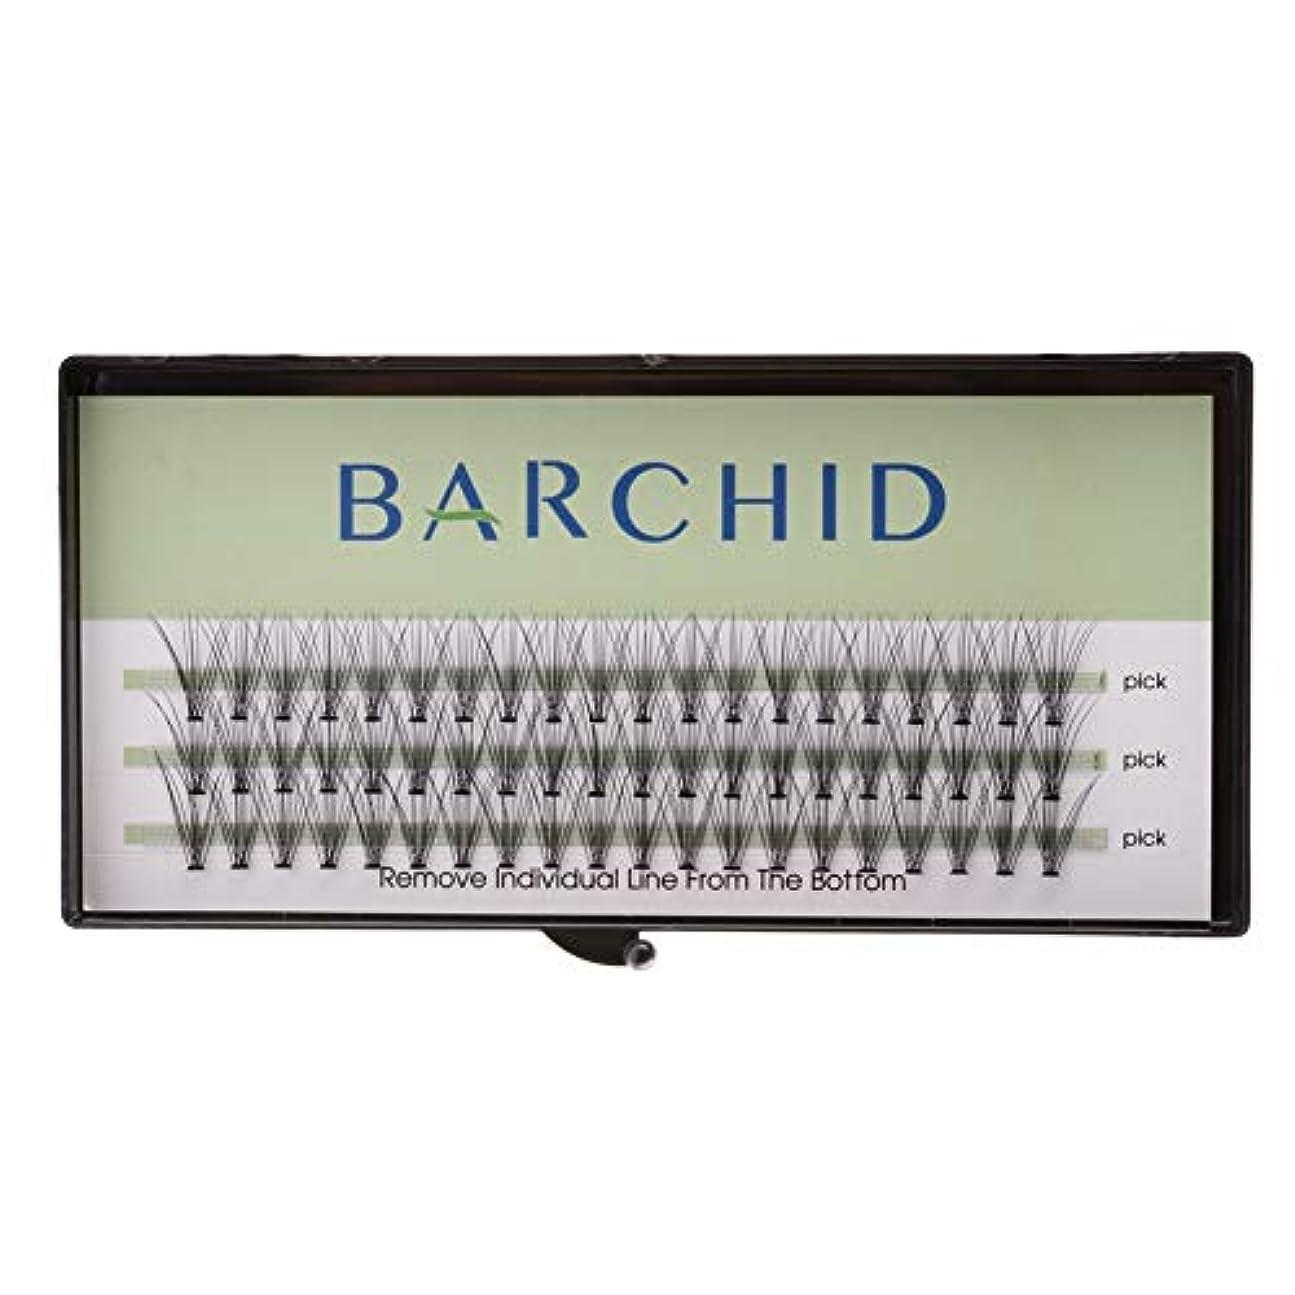 無駄永遠に繰り返しBARCHID つけまつげ ナチュラルつけまつげ高品質 まつげエクステ フレアセルフ用 超極細素材 太さ0.07mm 12mm Cカール マツエク10本束セルフマツエク キット